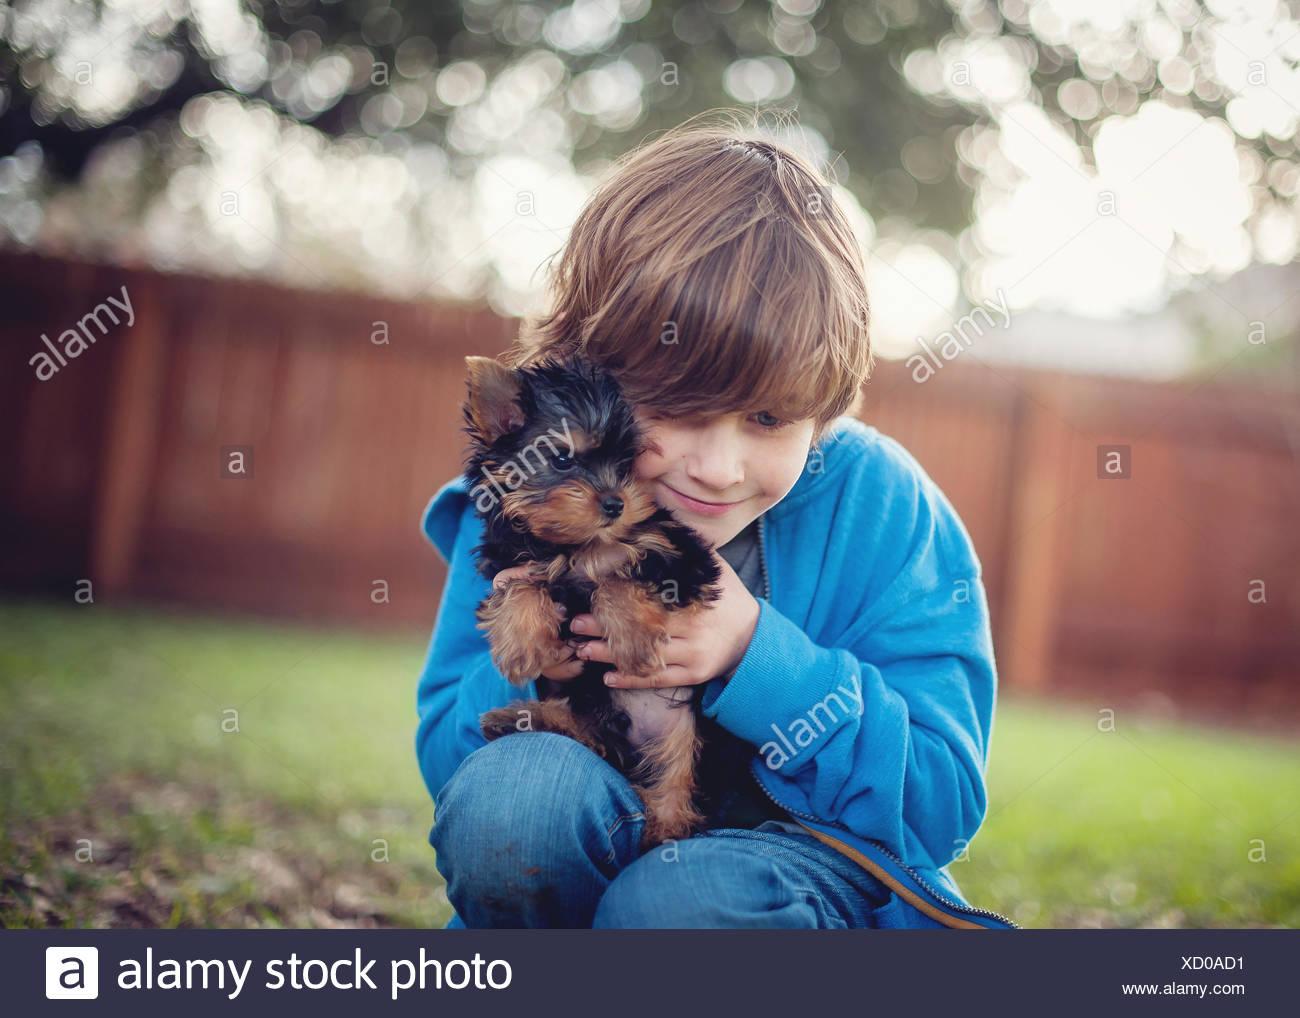 Junge seine Yorkie Welpen Hund kuscheln Stockfoto